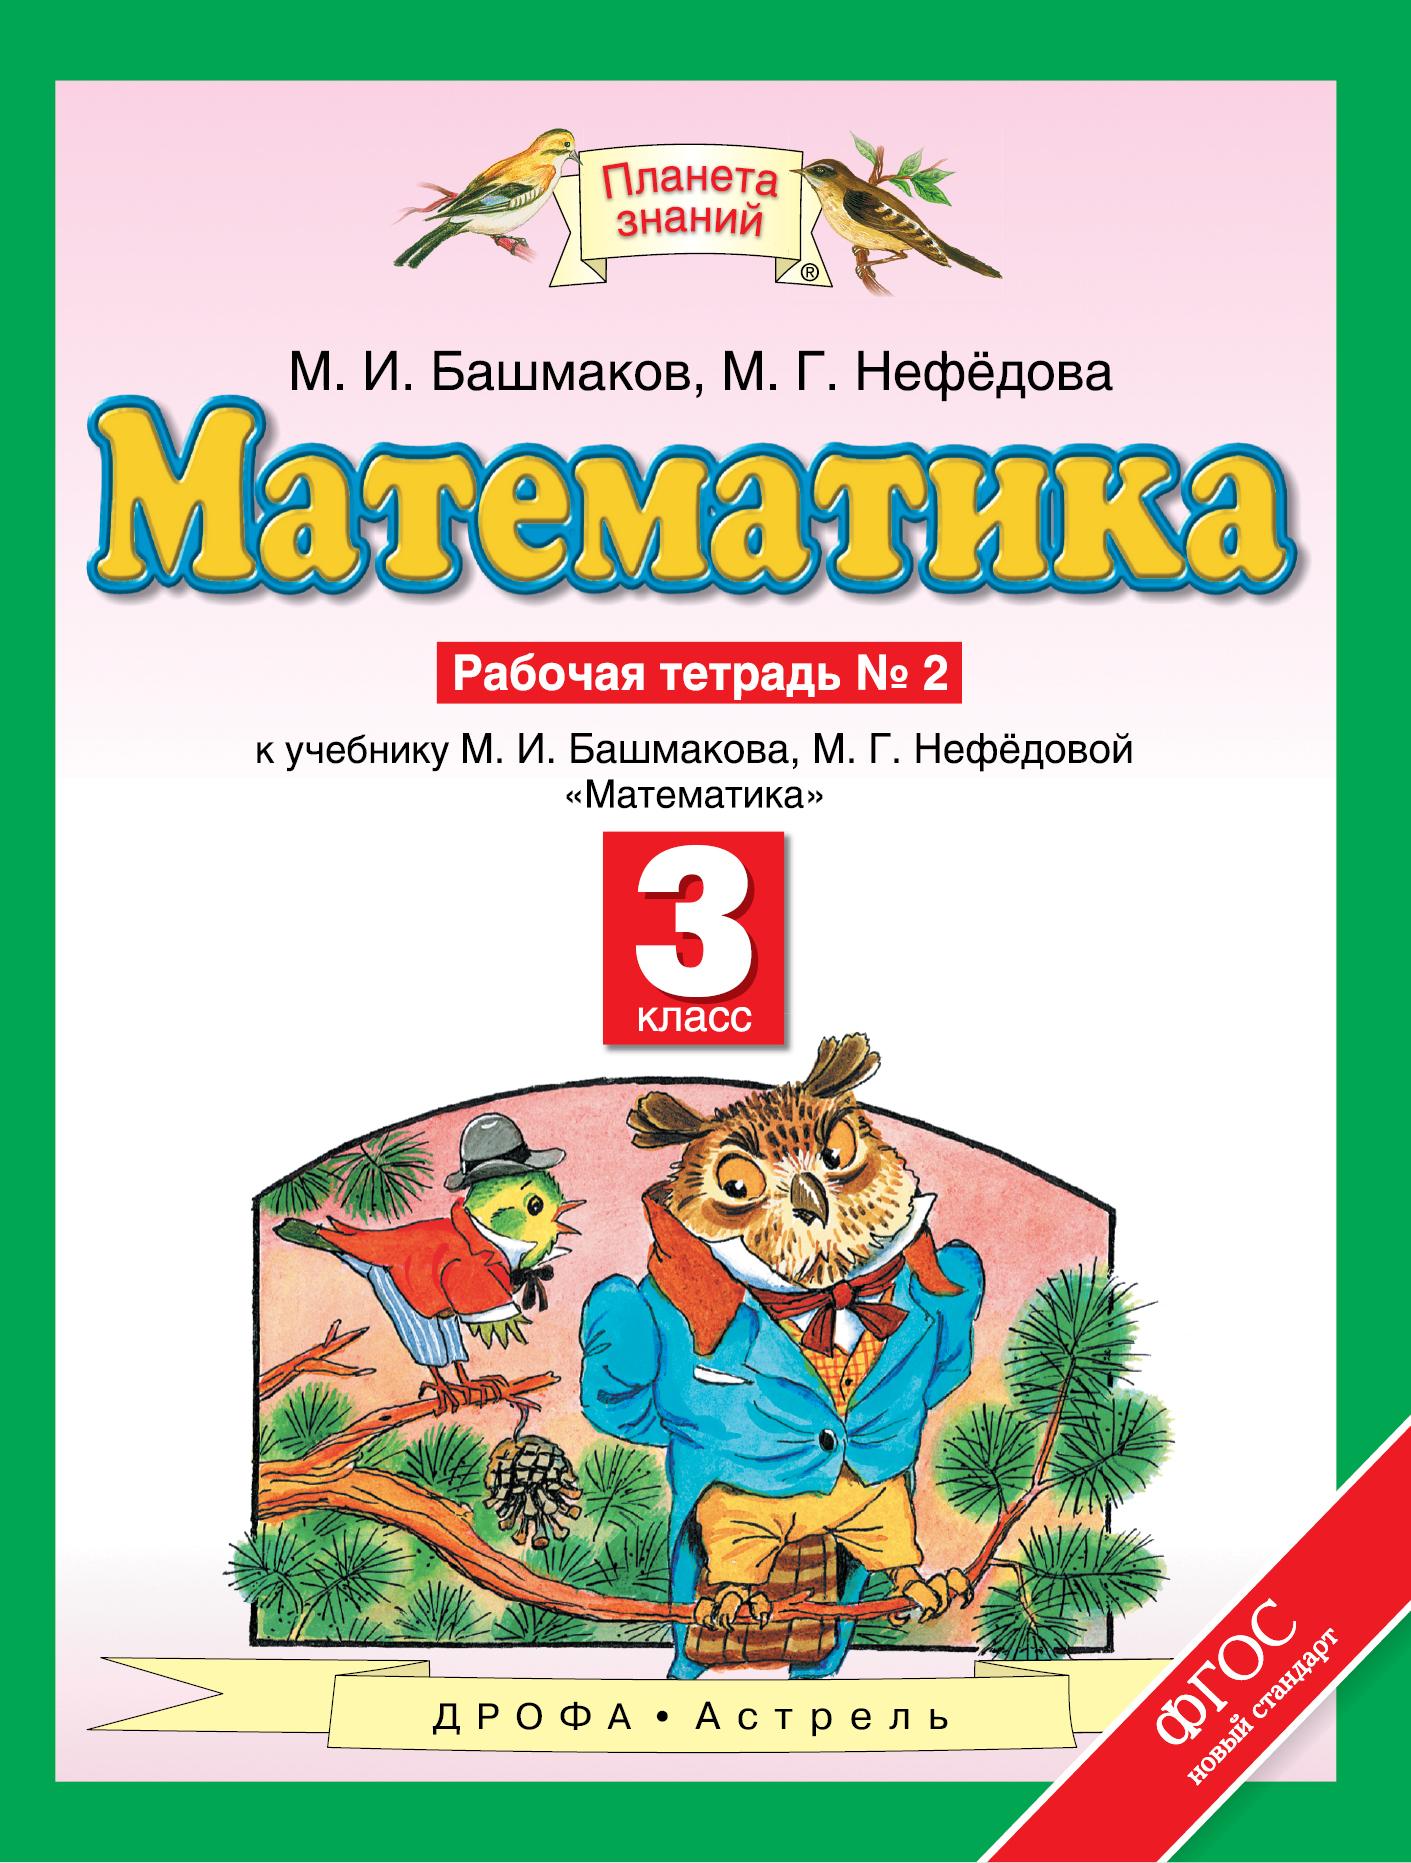 Математика. 3 класс. Рабочая тетрадь № 2